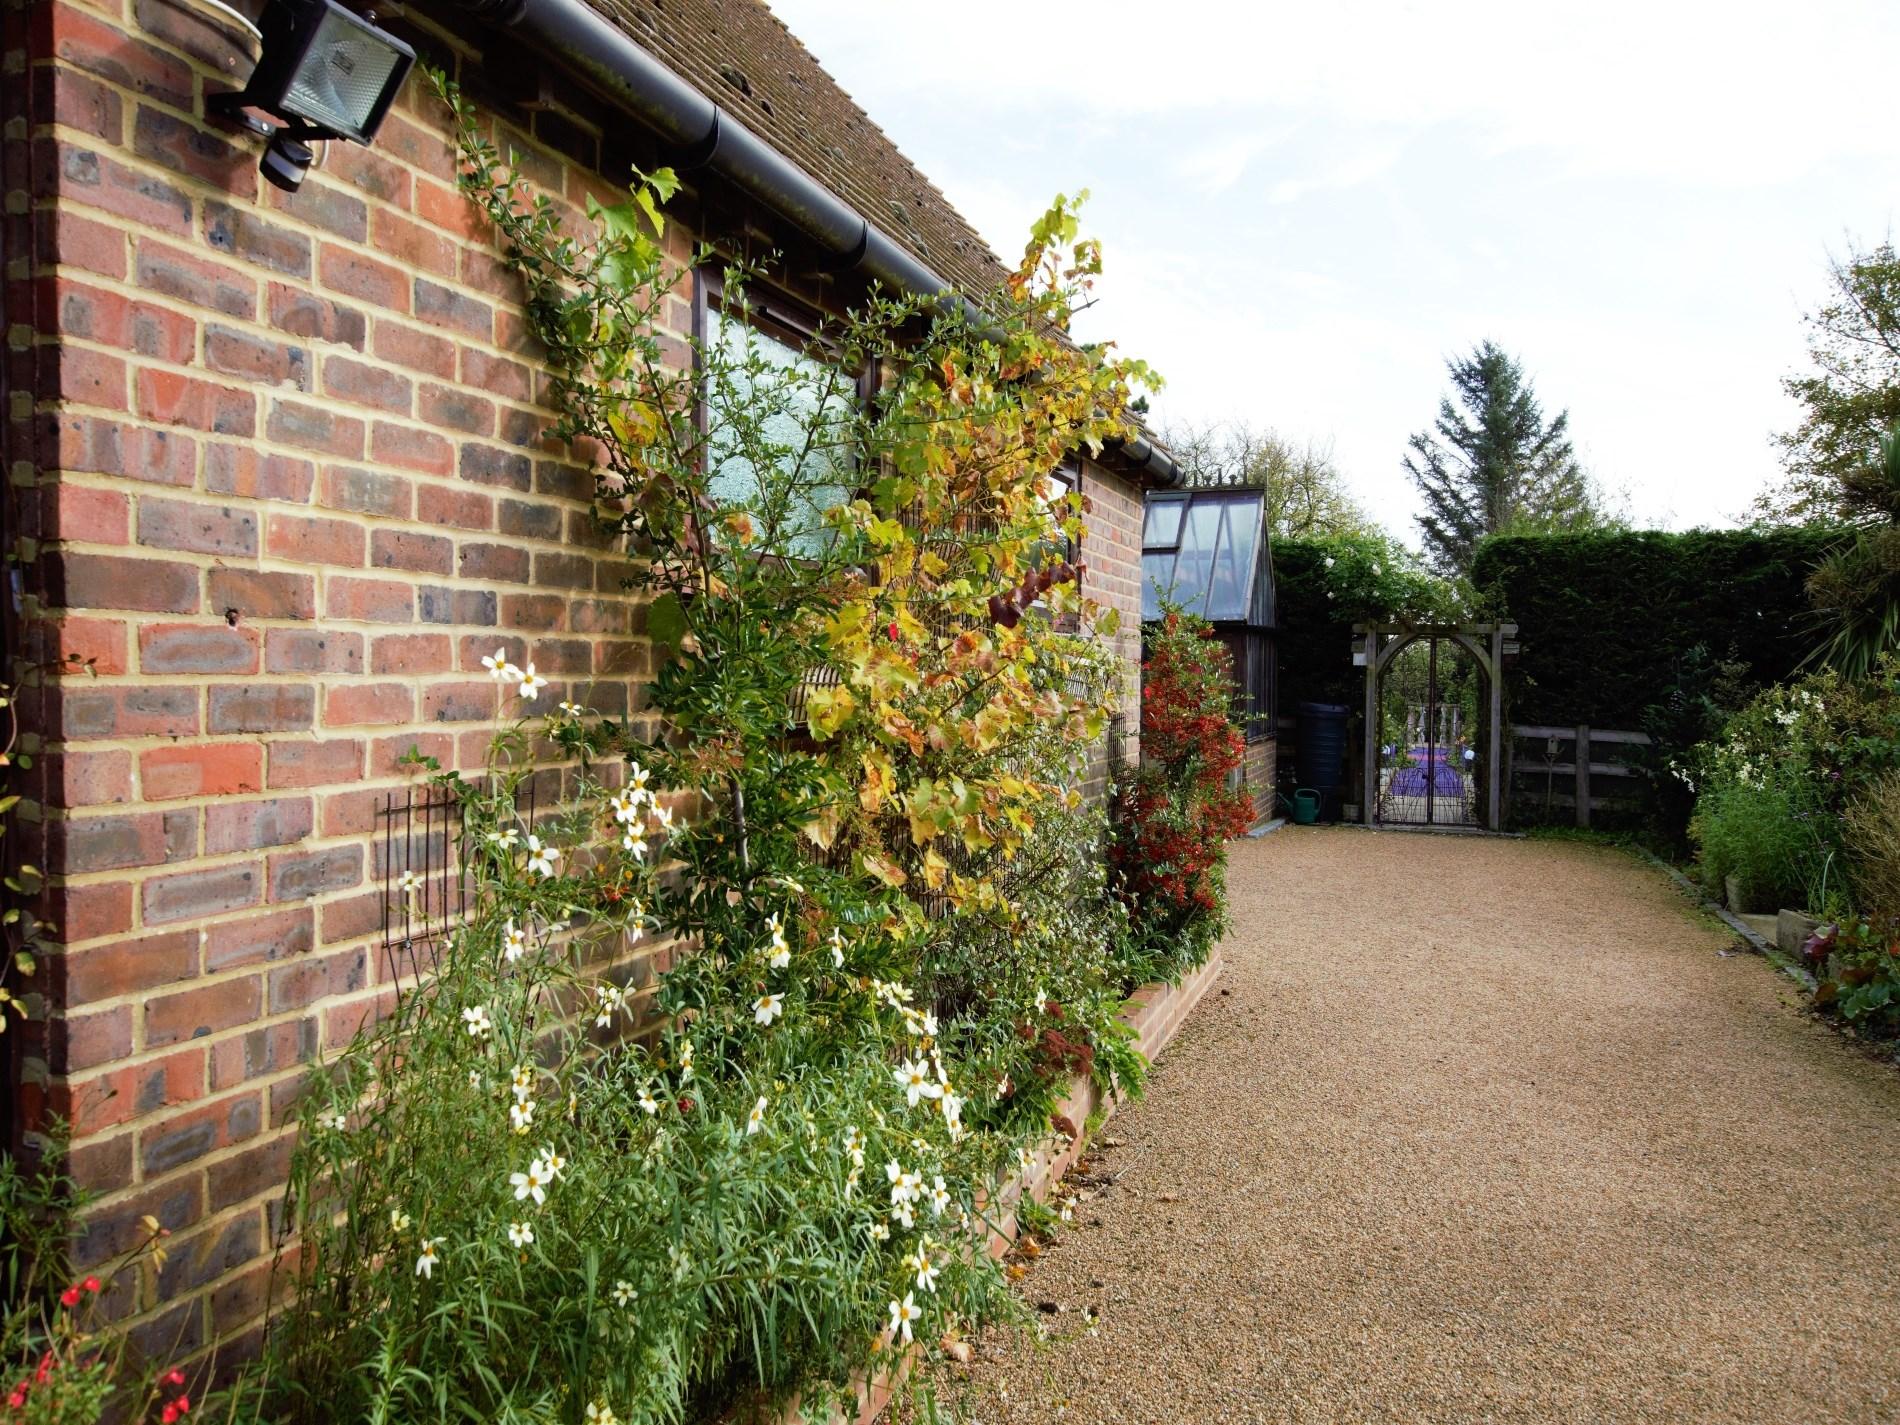 View towards the garden